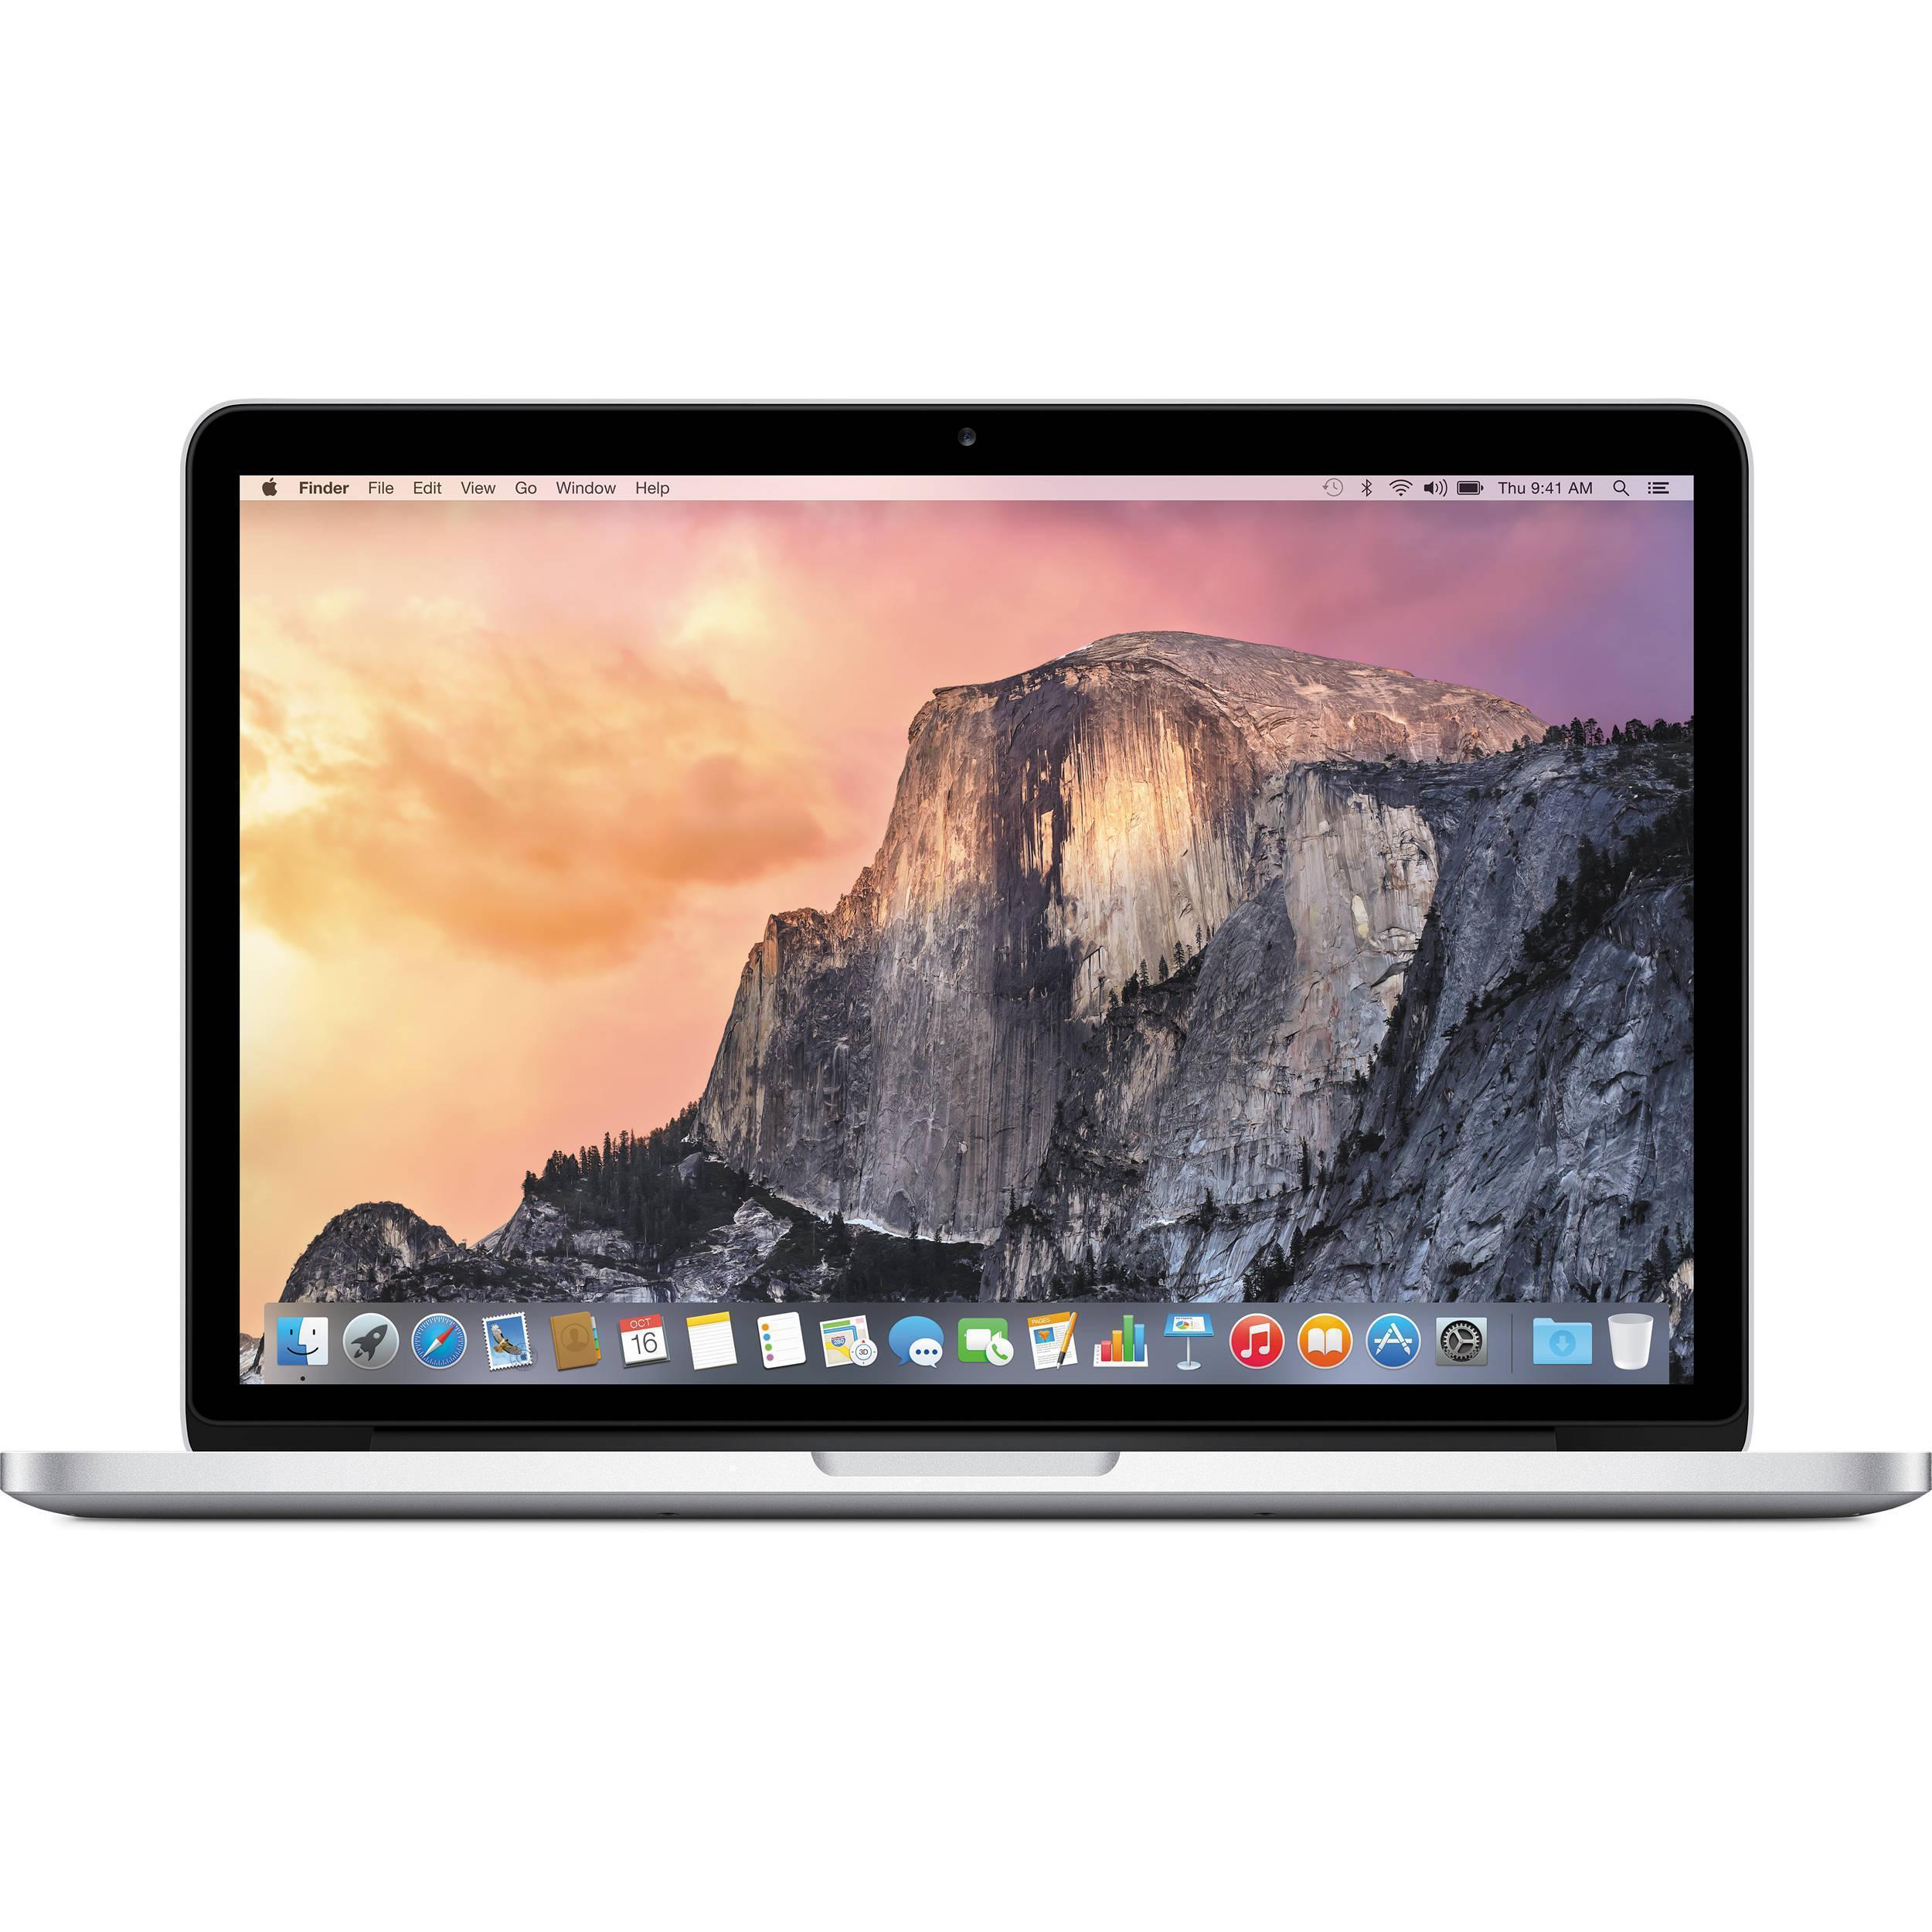 MacBook Pro Retina 13,3-tum (2013) - Core i5 - 8GB - SSD 128 GB QWERTY - Engelska (Storbritannien)